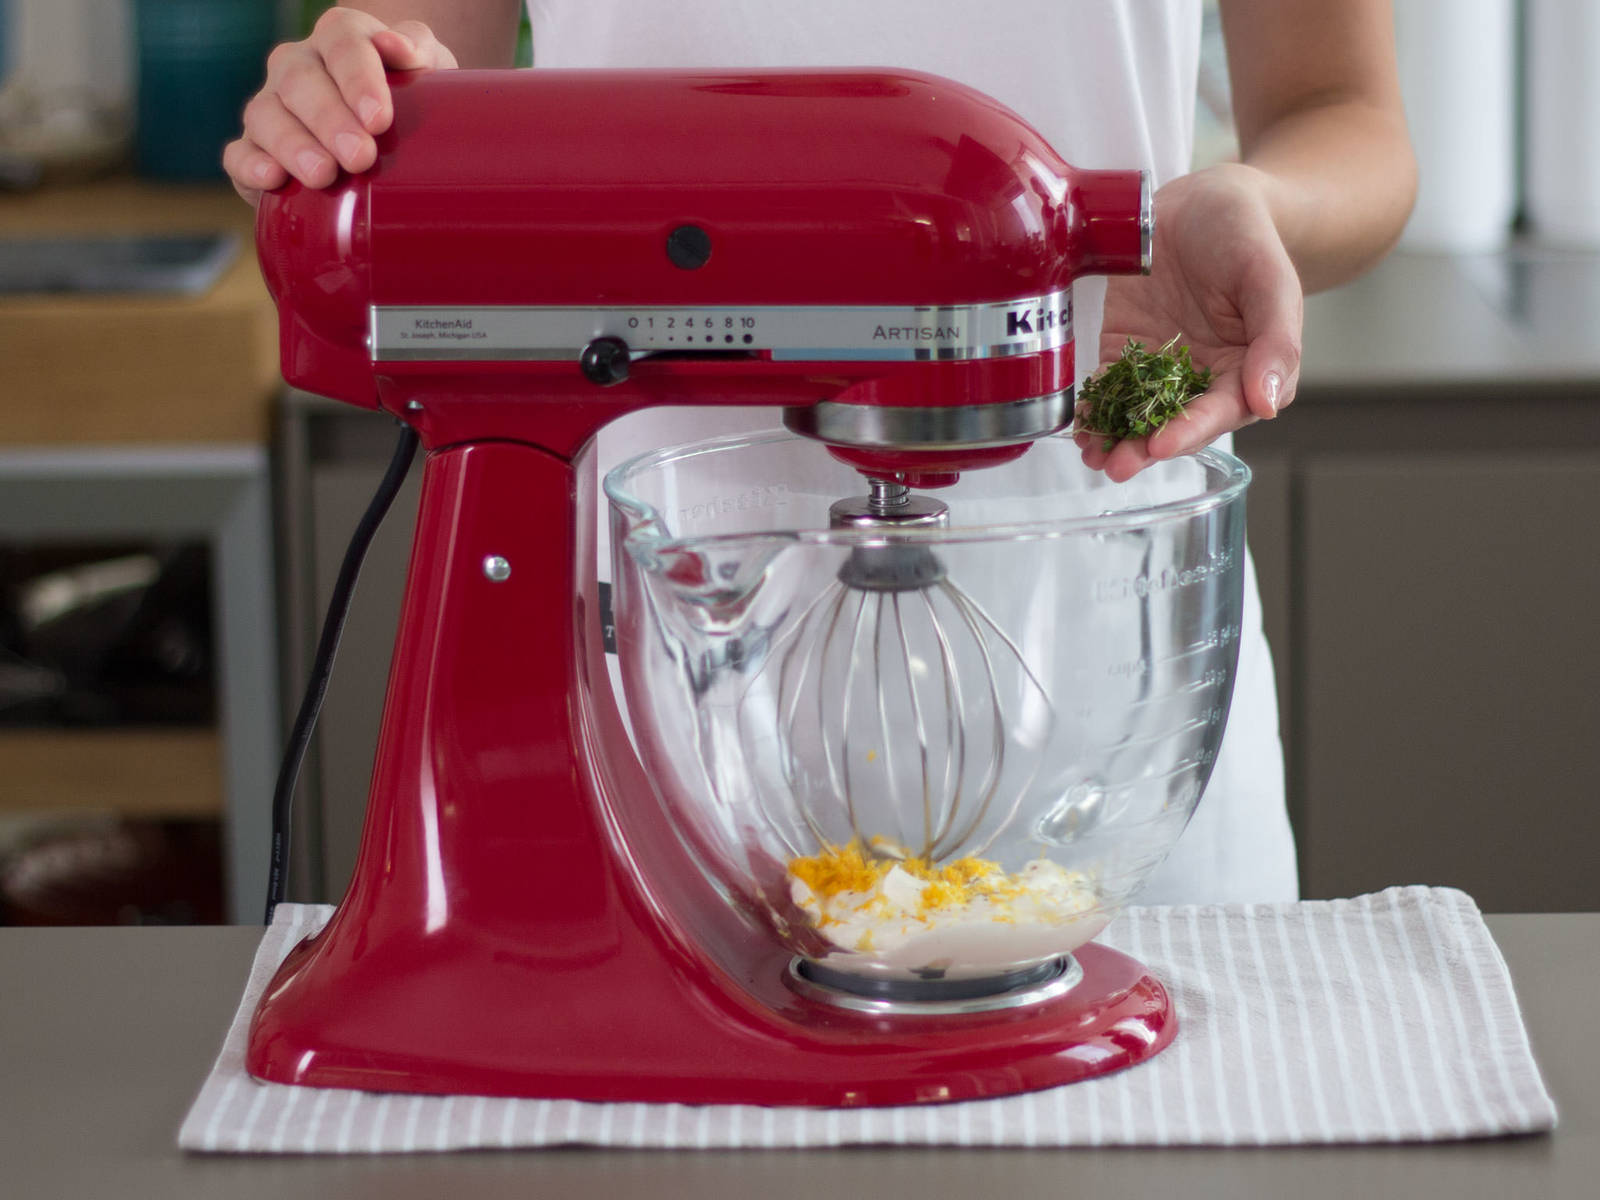 向干净的立式搅拌机碗中放入鲜奶油、糖、柠檬与橙子皮碎、独行菜,搅拌2-3分钟,至鲜奶油起泡,食材混合均匀。加盐与胡椒粉调味。